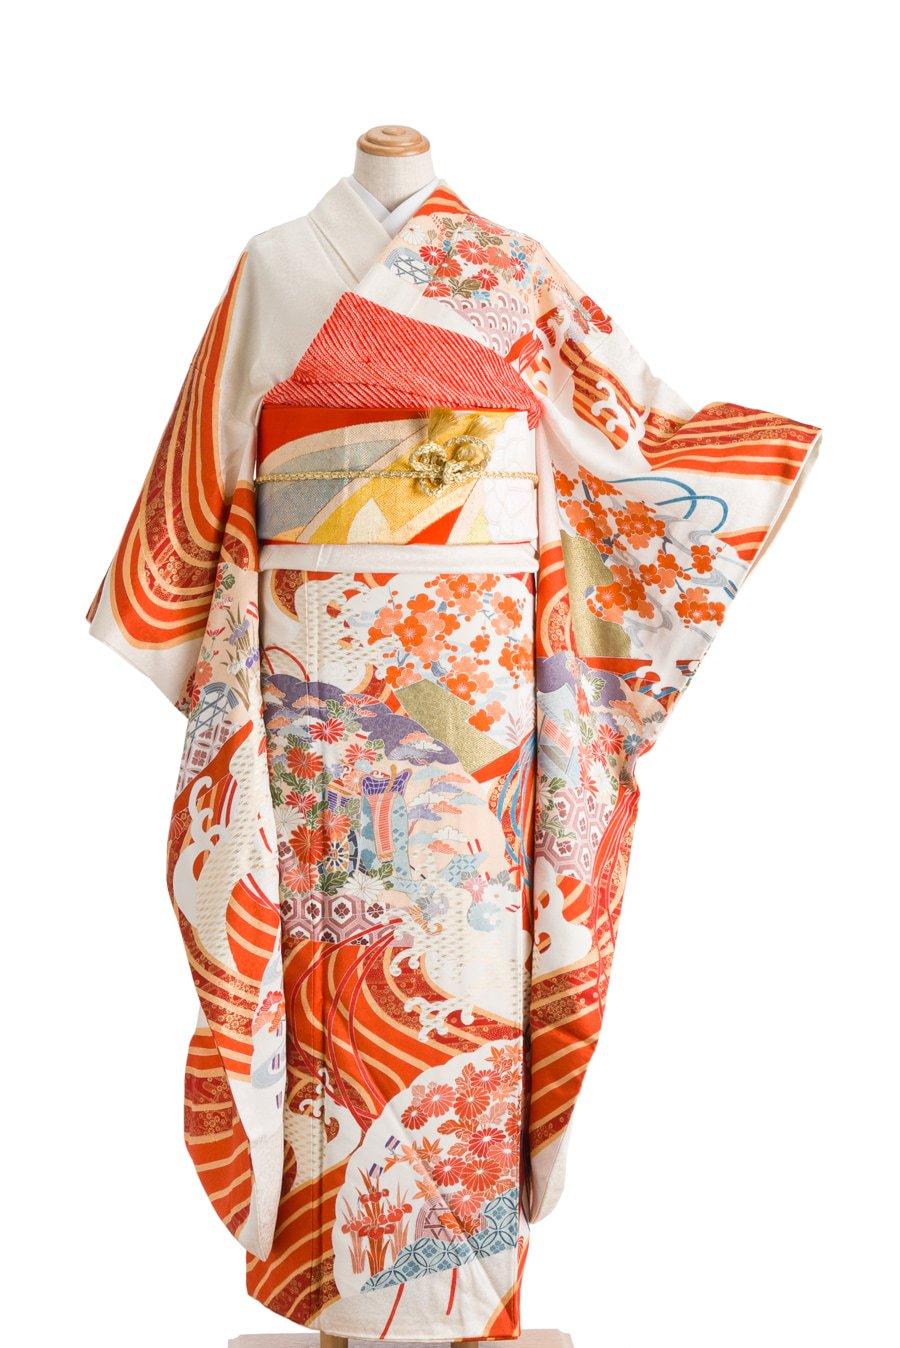 「振袖 花咲く檜扇」の商品画像